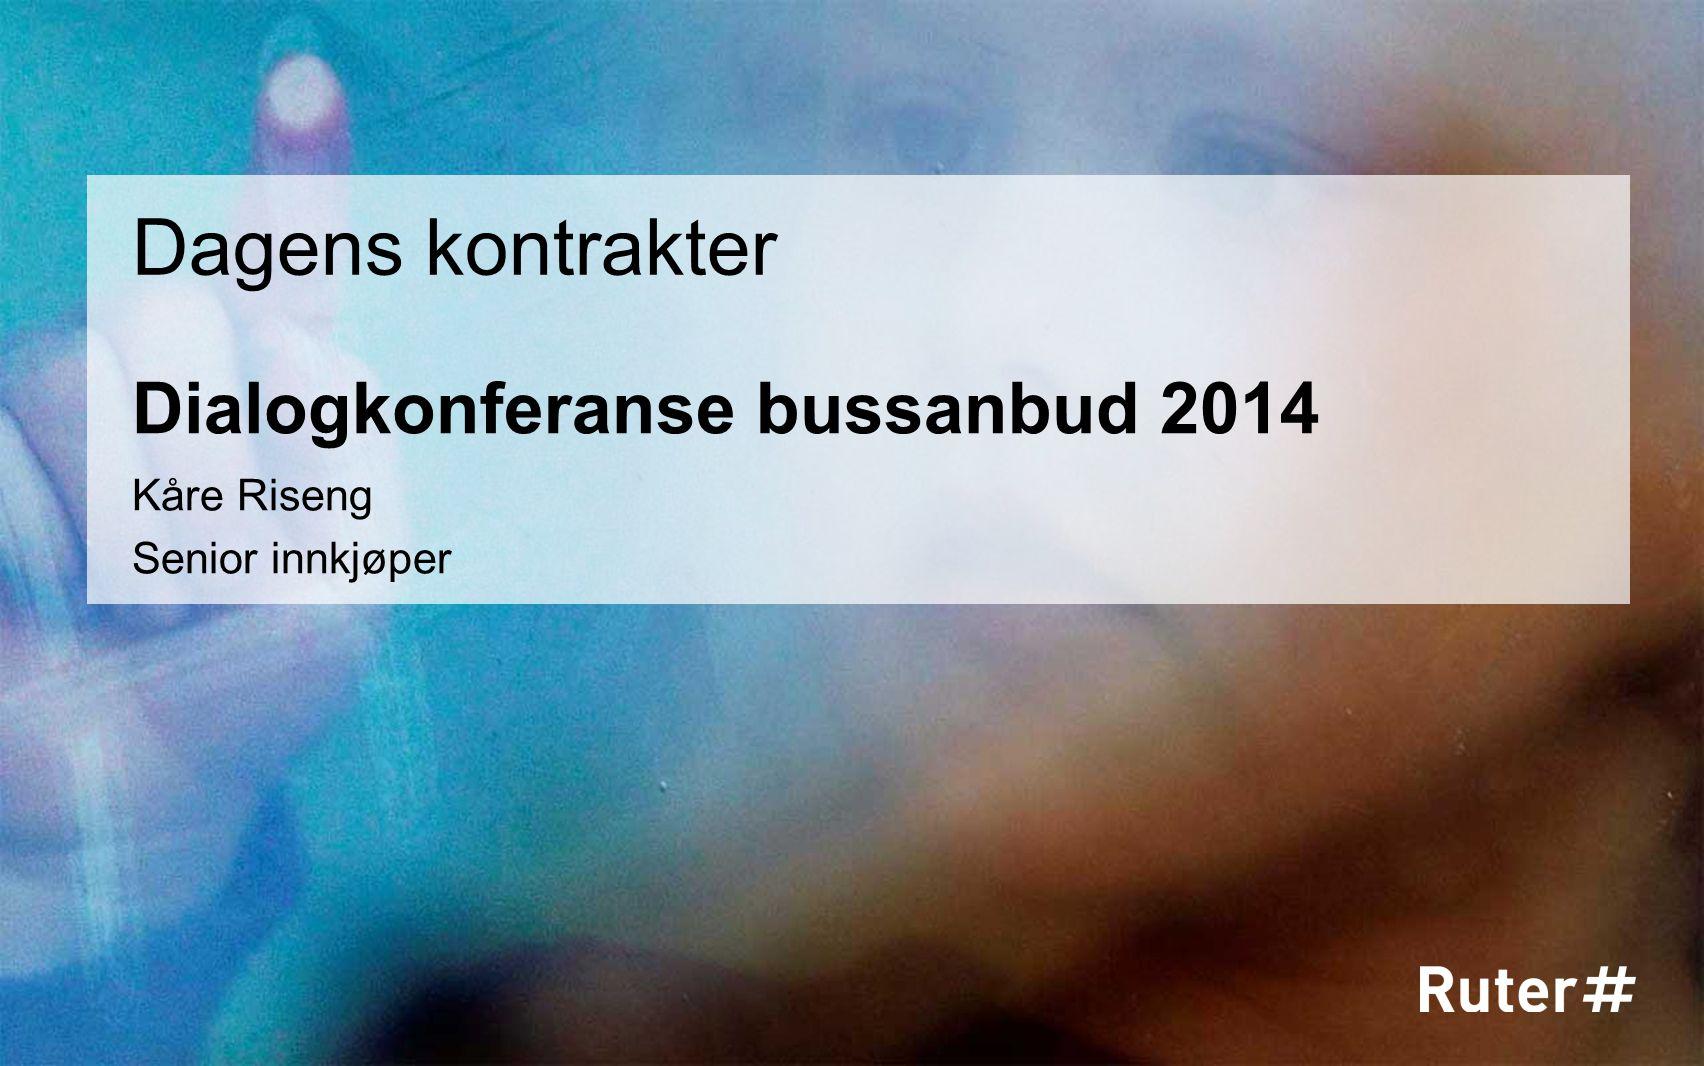 Dialogkonferanse bussanbud 2014 Dagens kontrakter Kåre Riseng Senior innkjøper